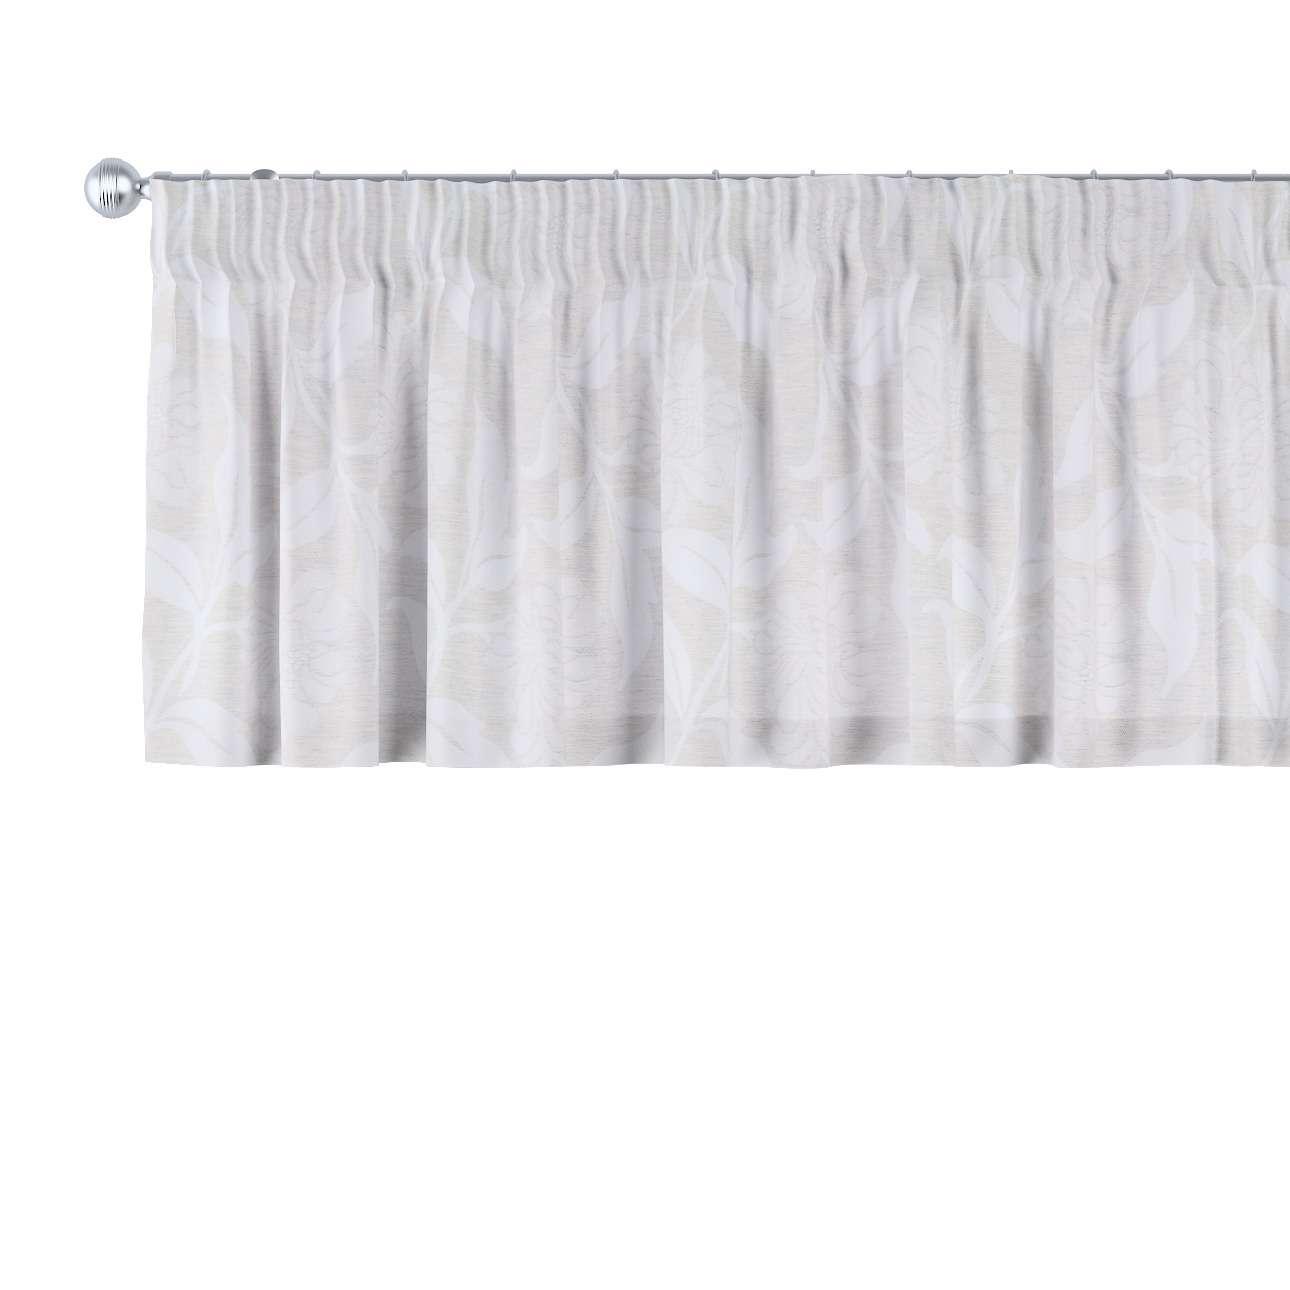 Pencil pleat pelmet in collection Venice, fabric: 140-51